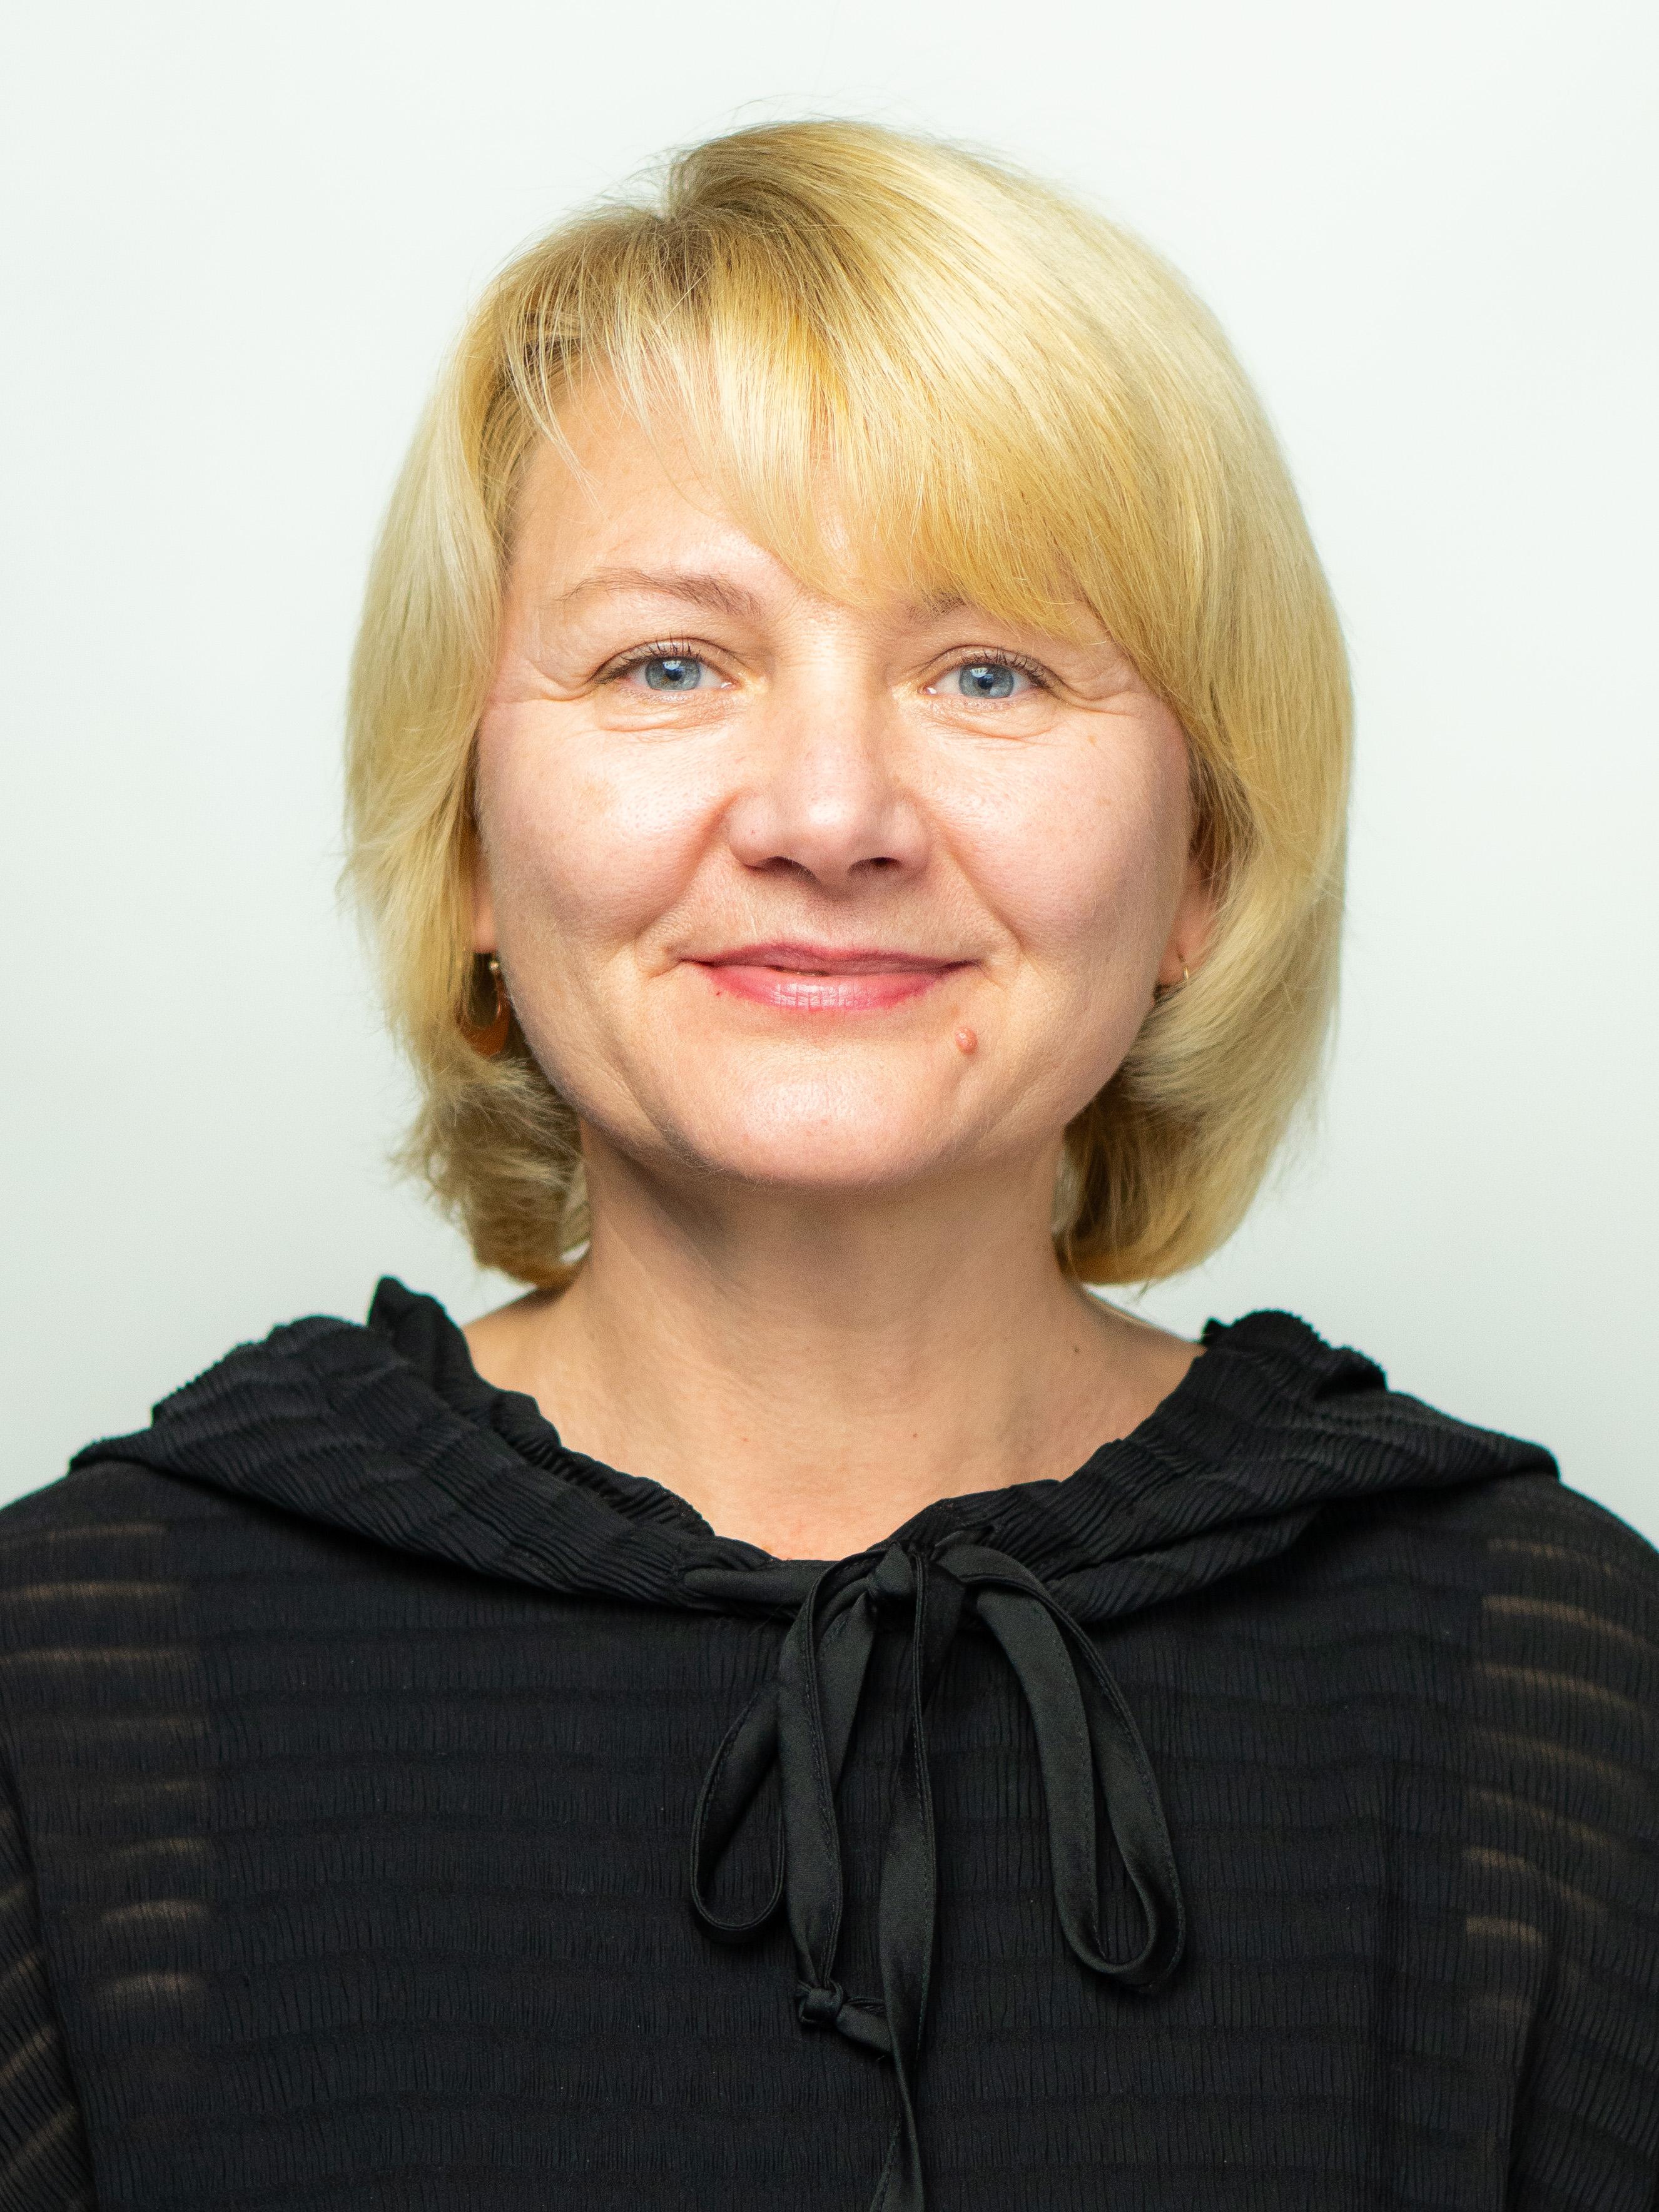 Єрьоміна Ніна Анатоліївна